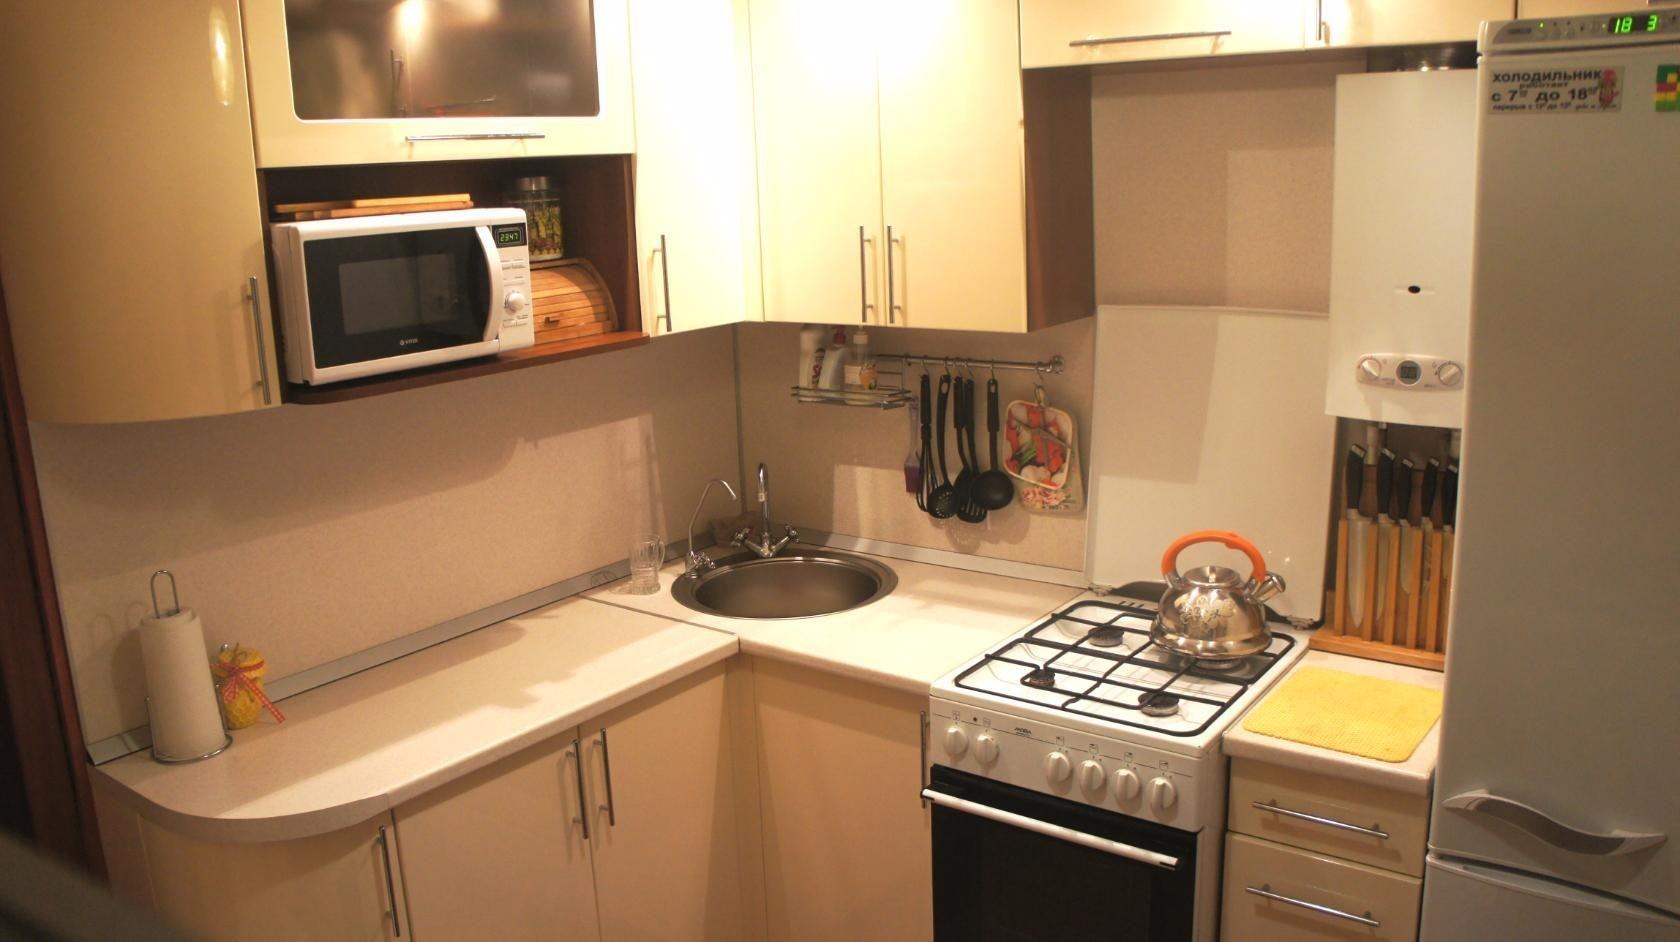 Дизайн маленькой кухни с микроволновкой